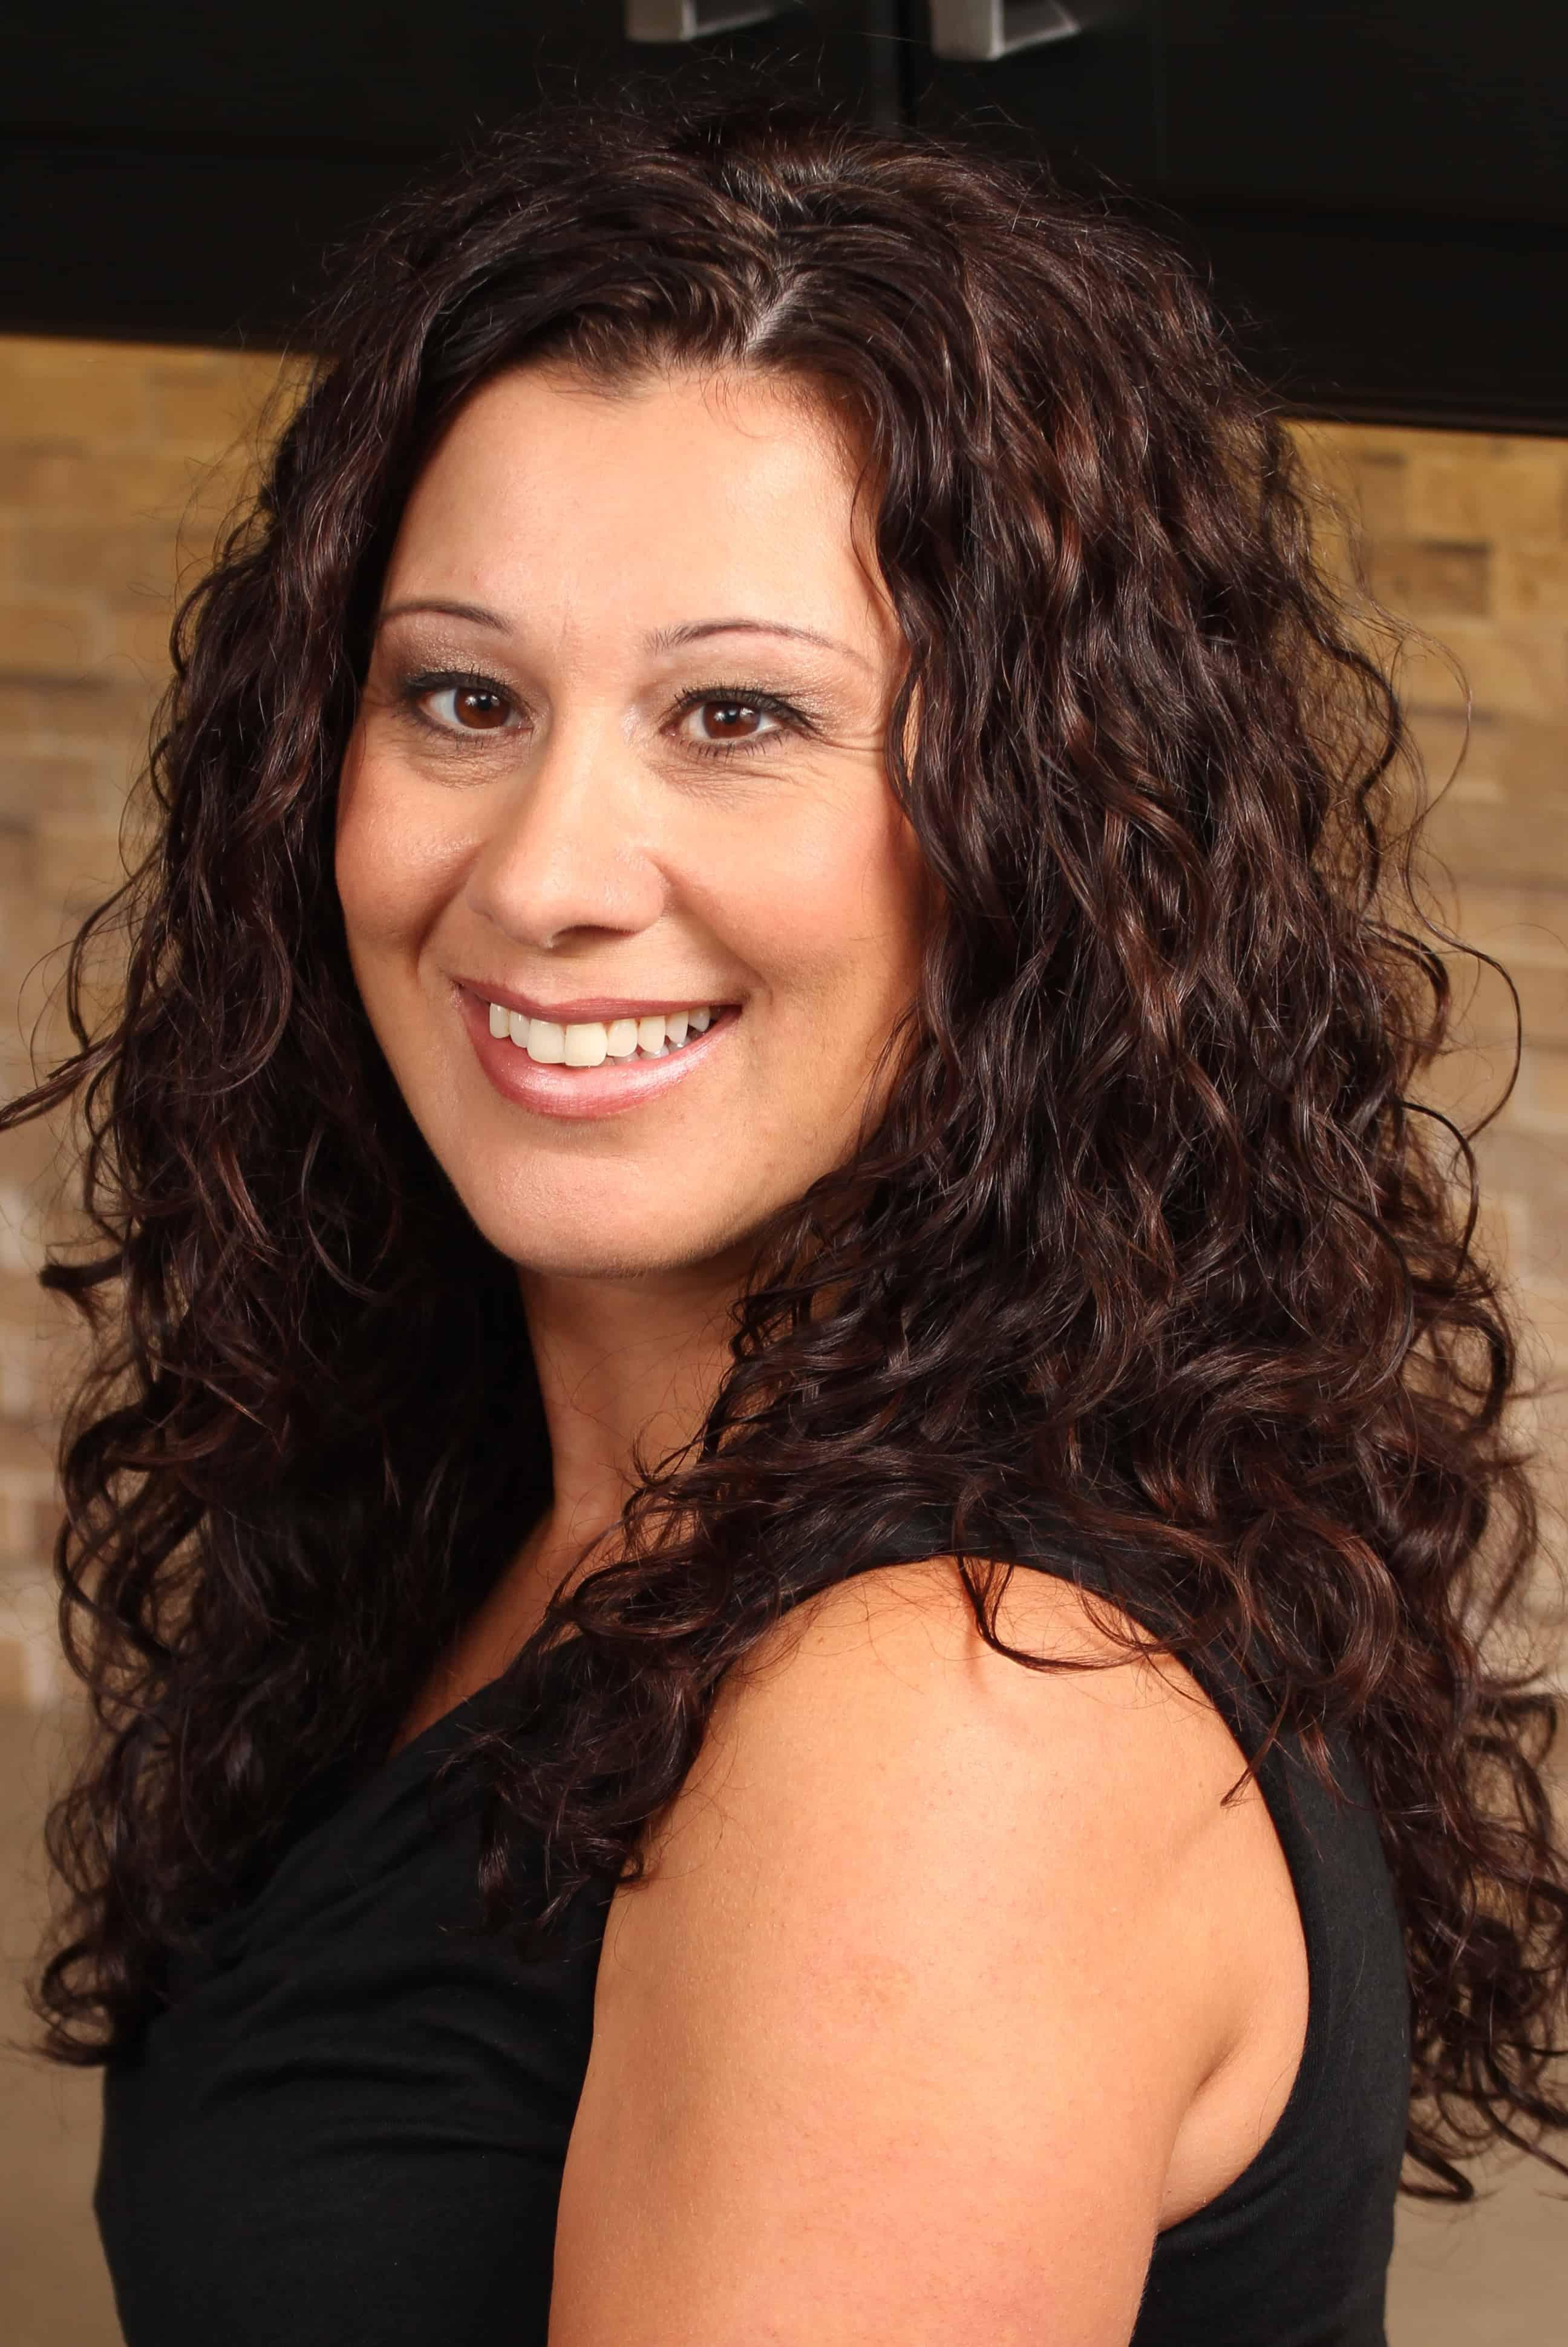 Lisa Sinopoli